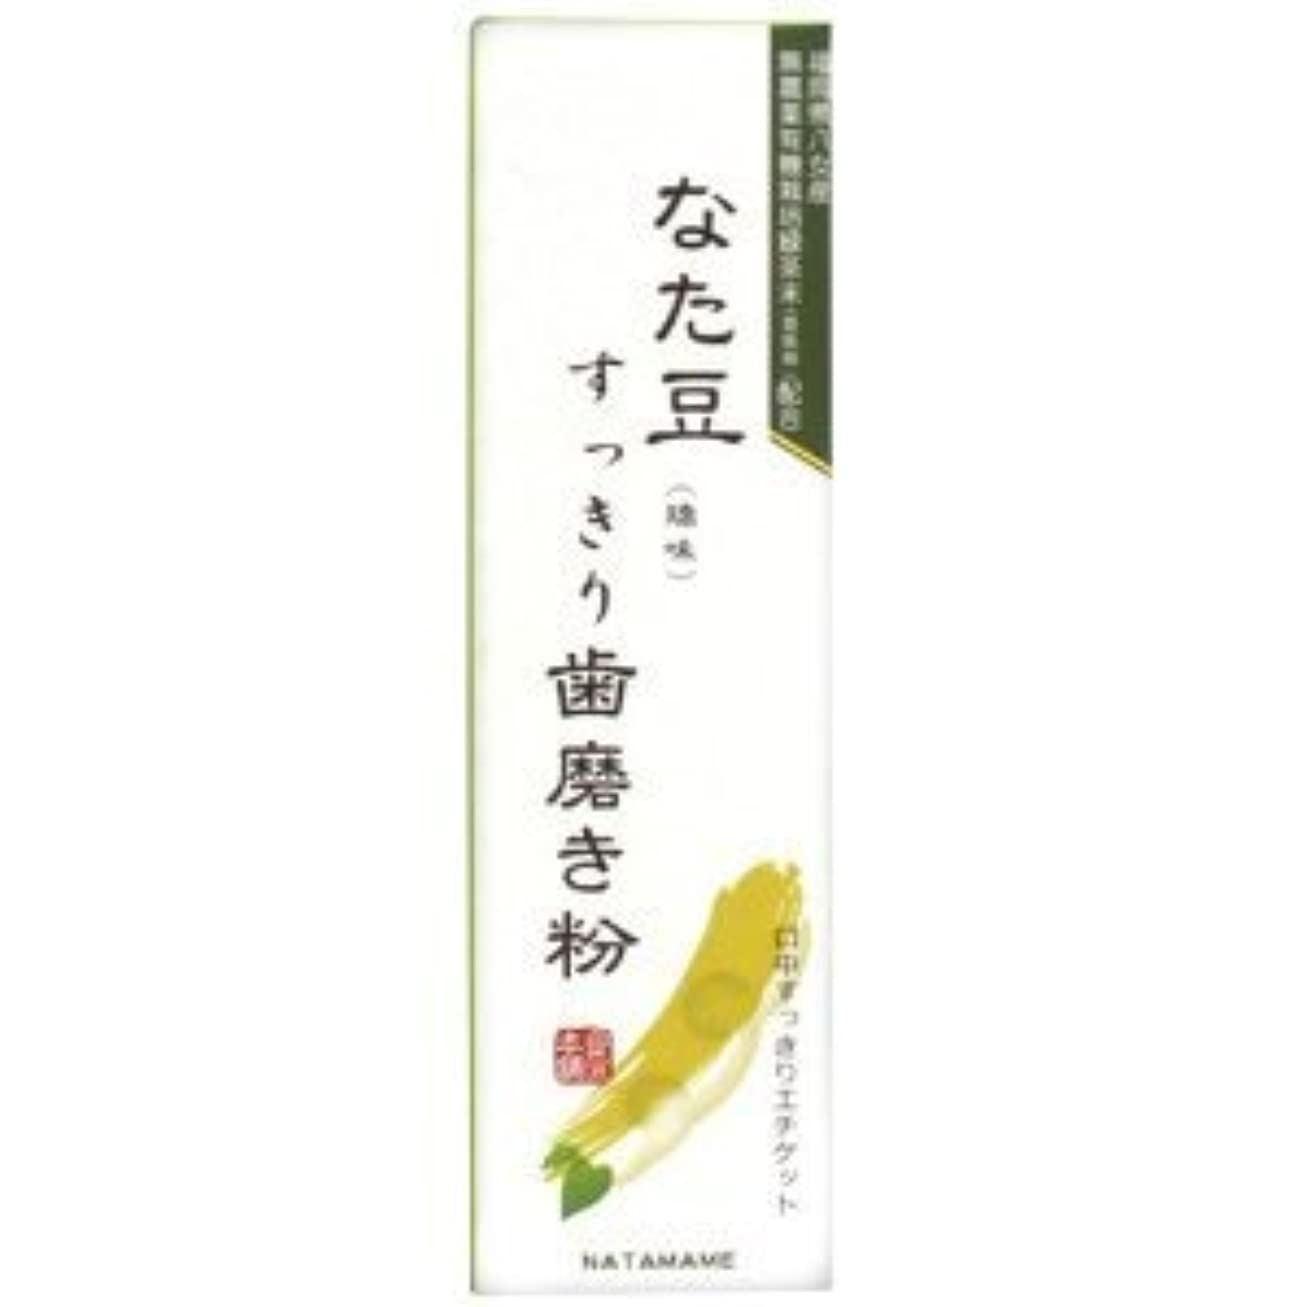 位置づけるスラッシュベルなた豆すっきり歯磨き粉(120g)2本セット